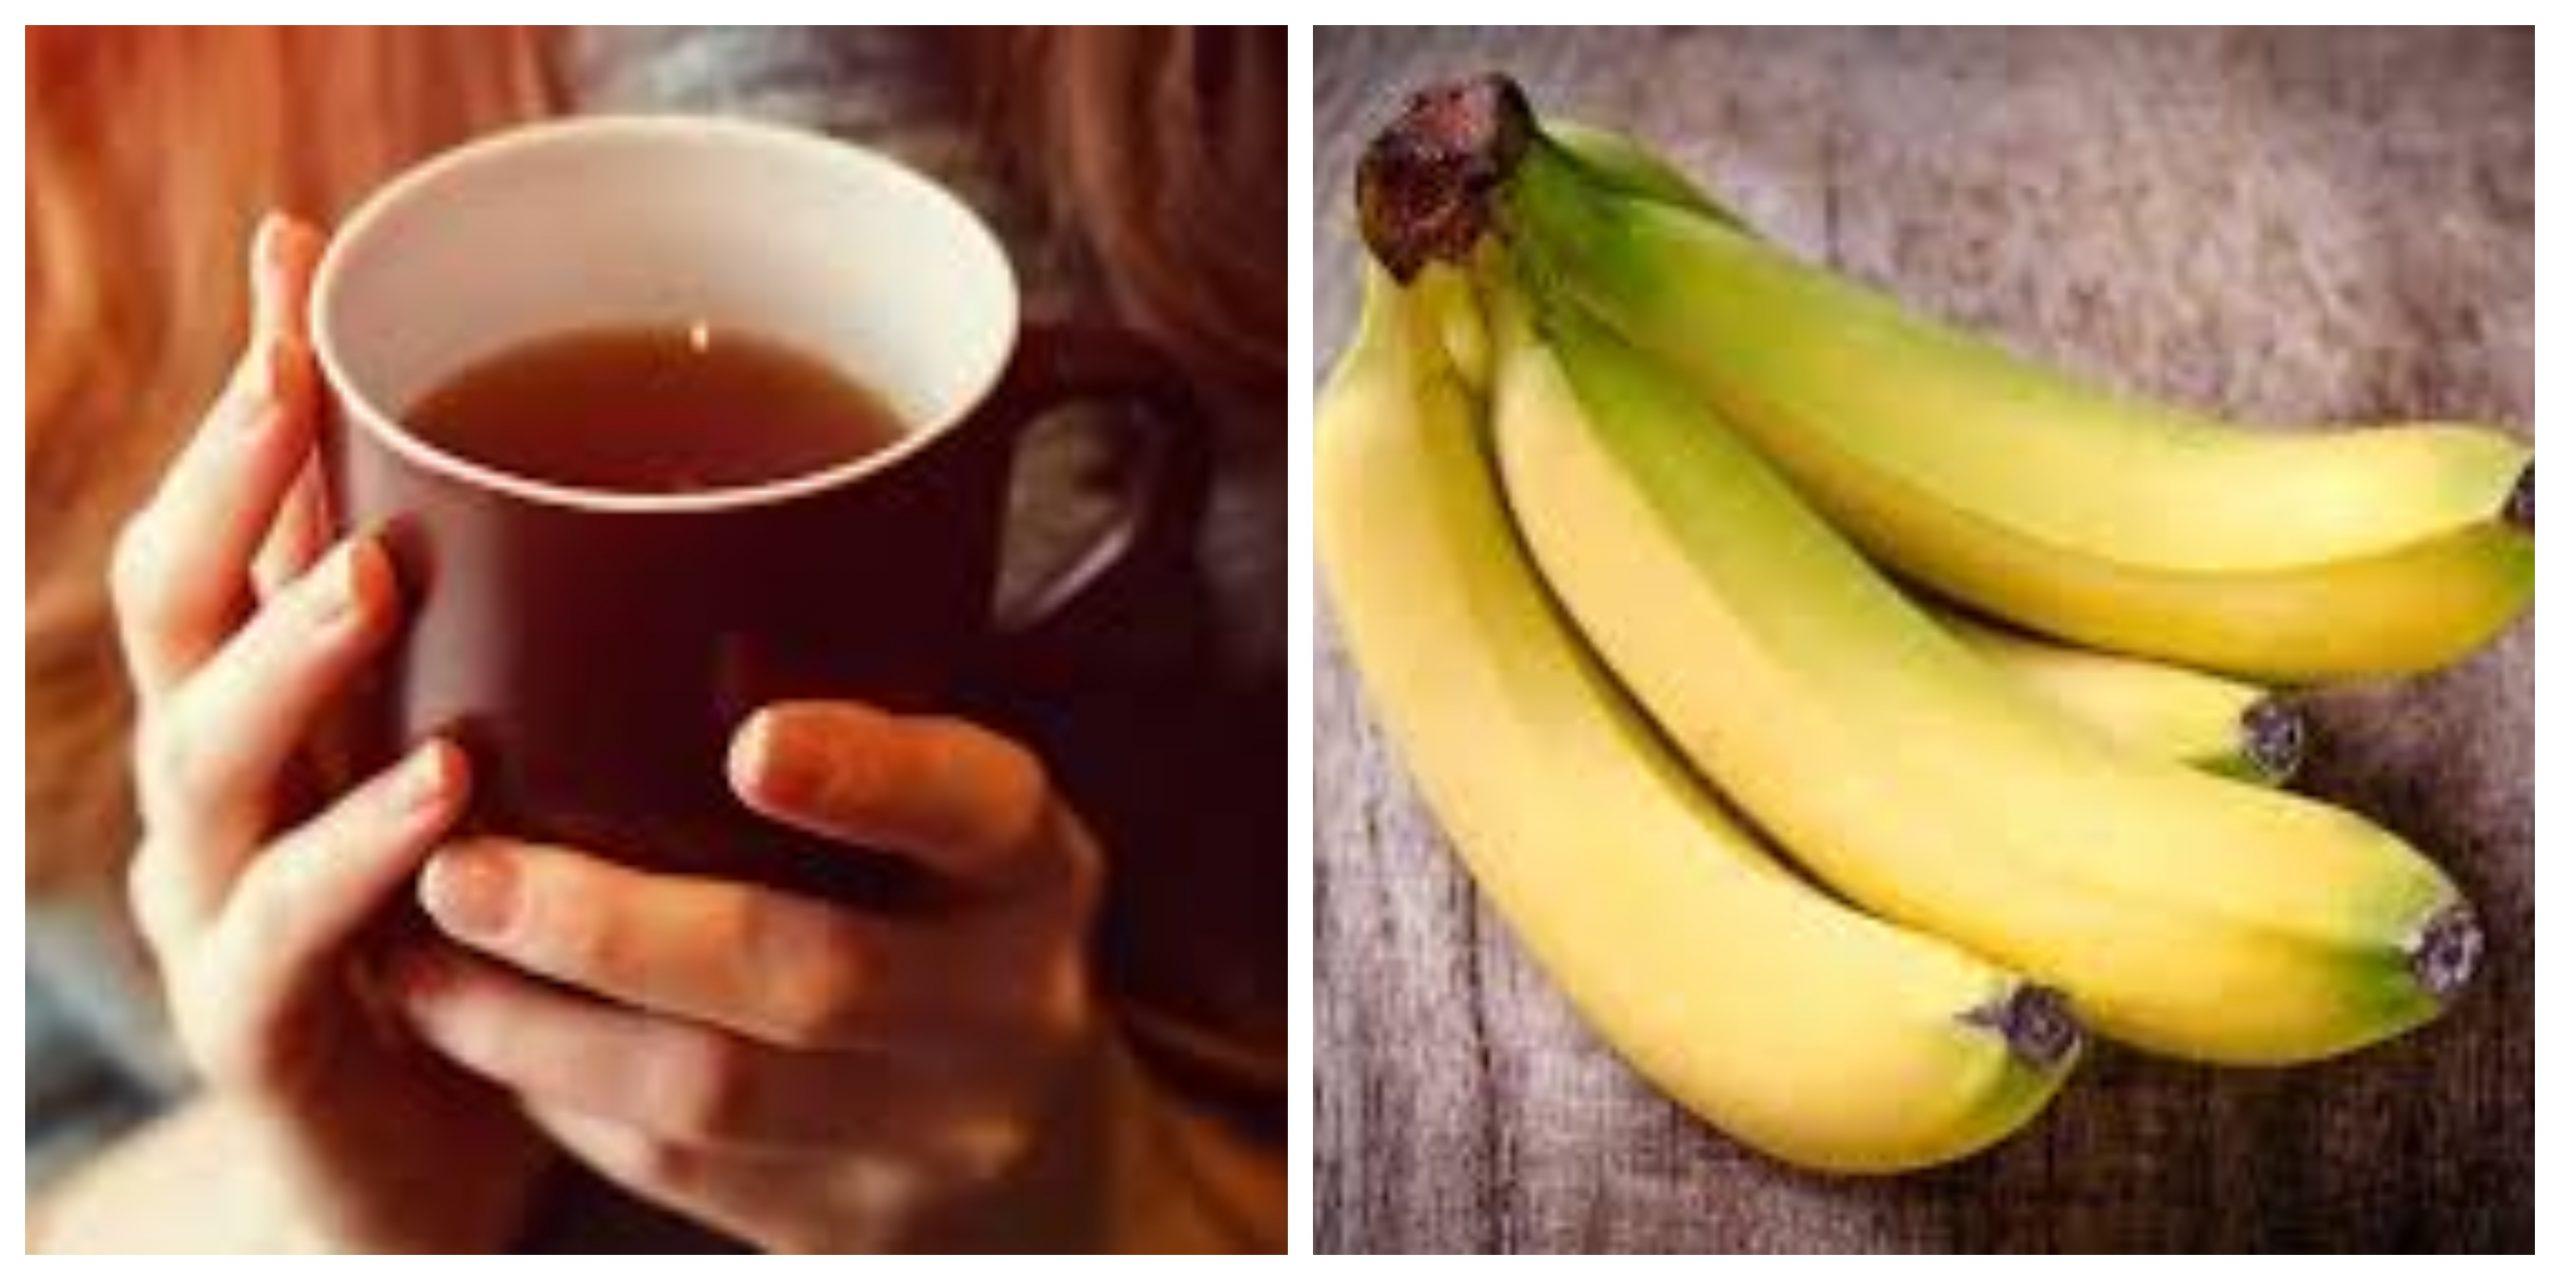 الفوائد الصحية لتناول شاي الموز ووصفات سهلة وسحرية لإعداده